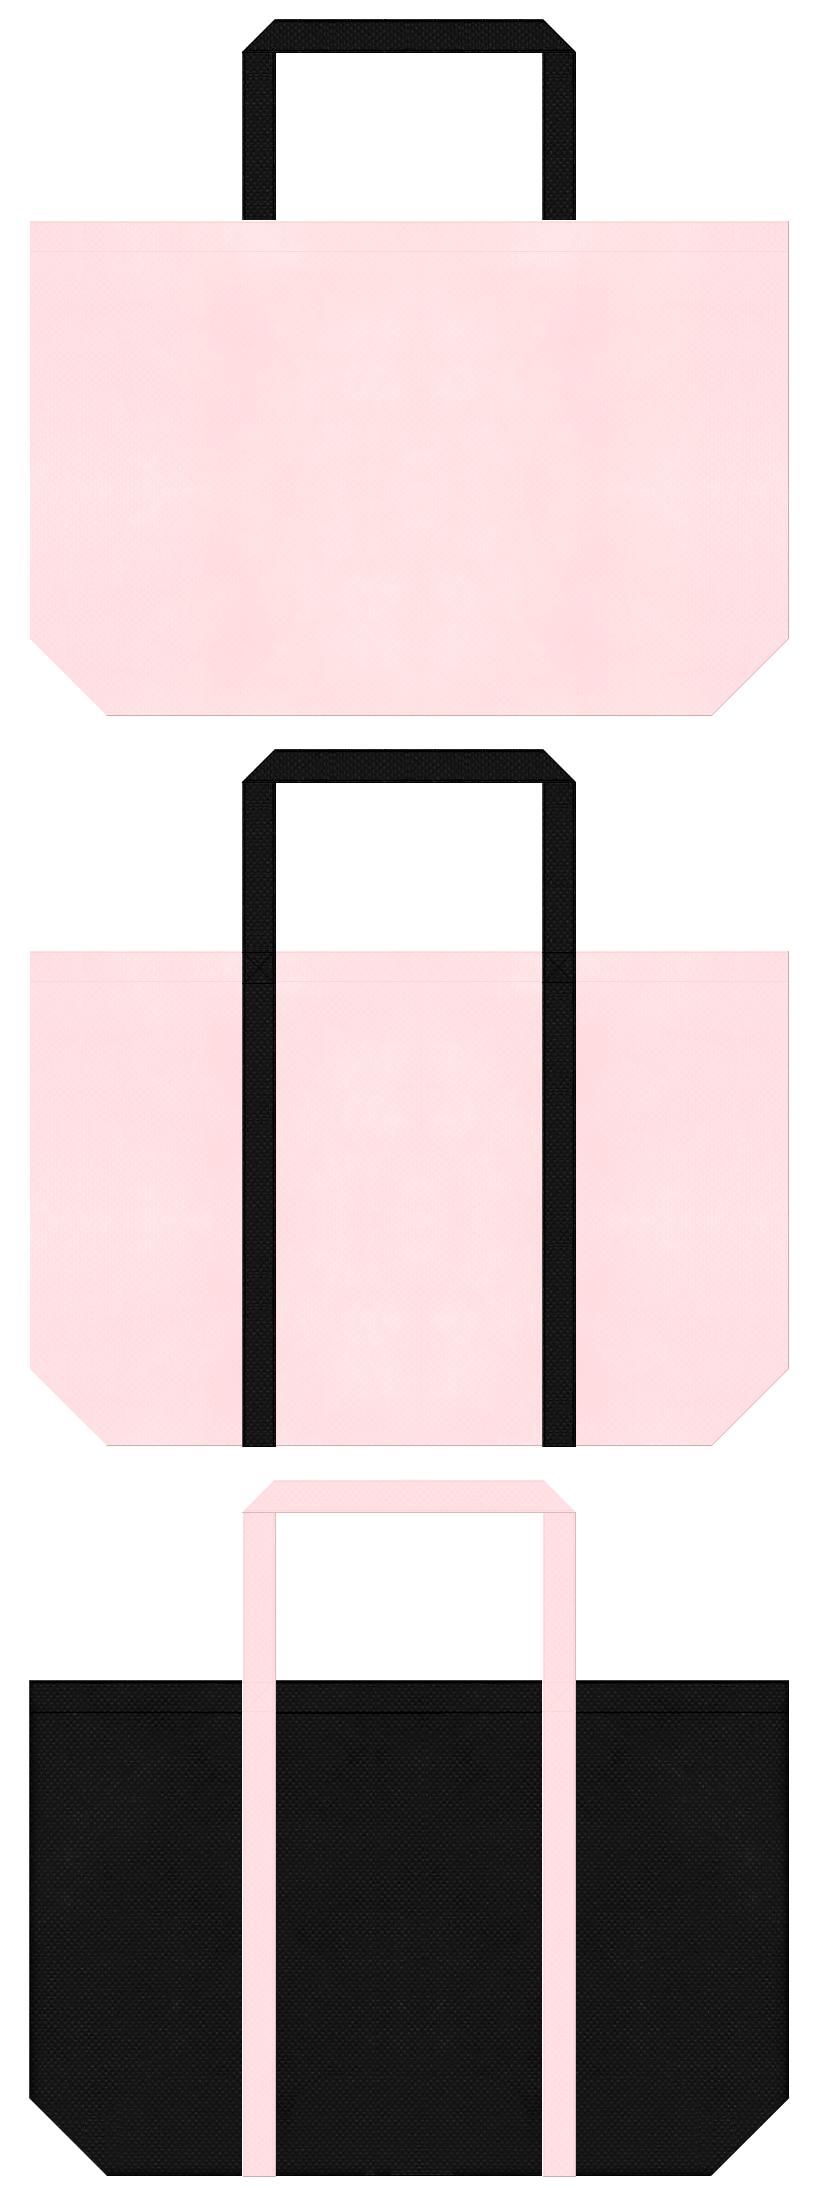 桜色と黒色の不織布バッグデザイン。ゴスロリファッションのショッピングバッグにお奨めです。